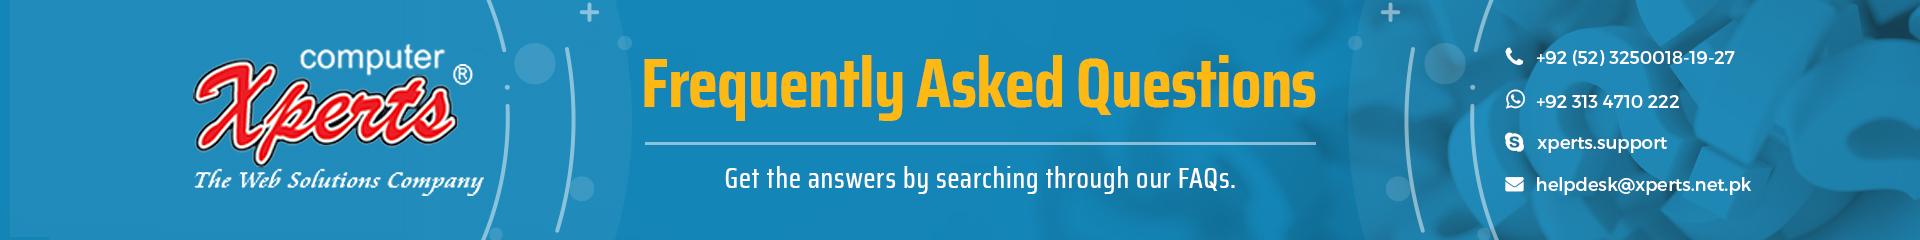 Xperts FAQ